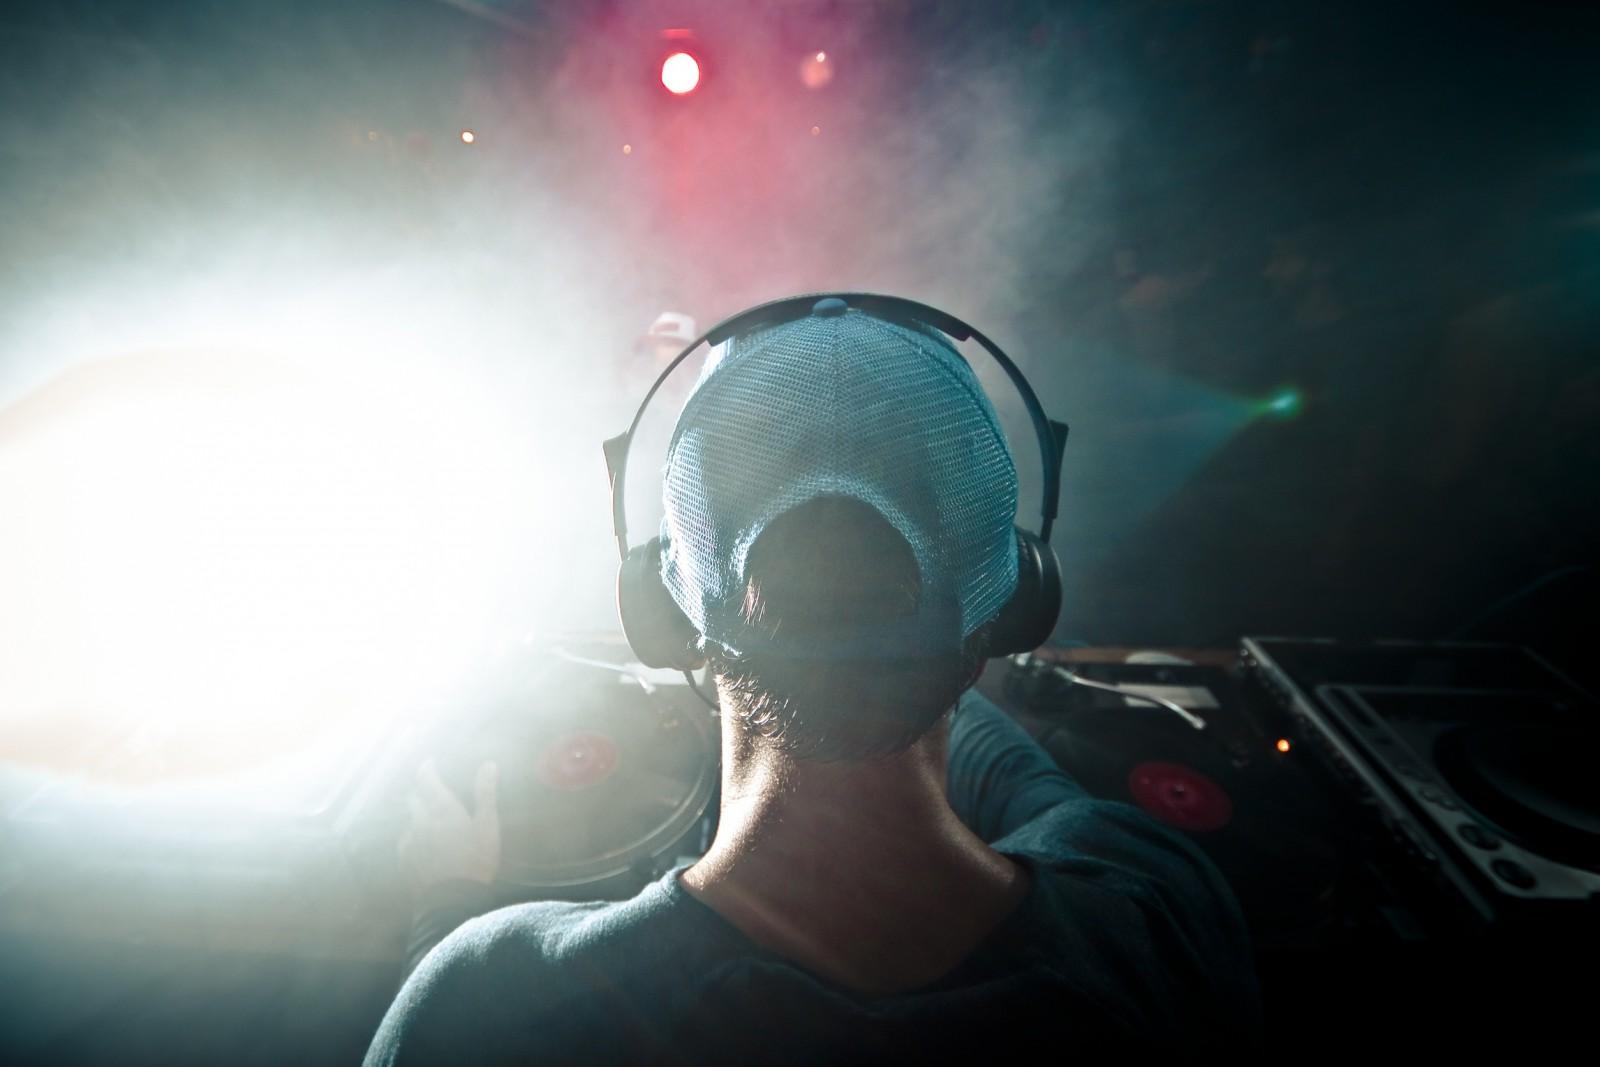 Découverte : «24h électro», un festival qui vit au rythme des musiques électroniques